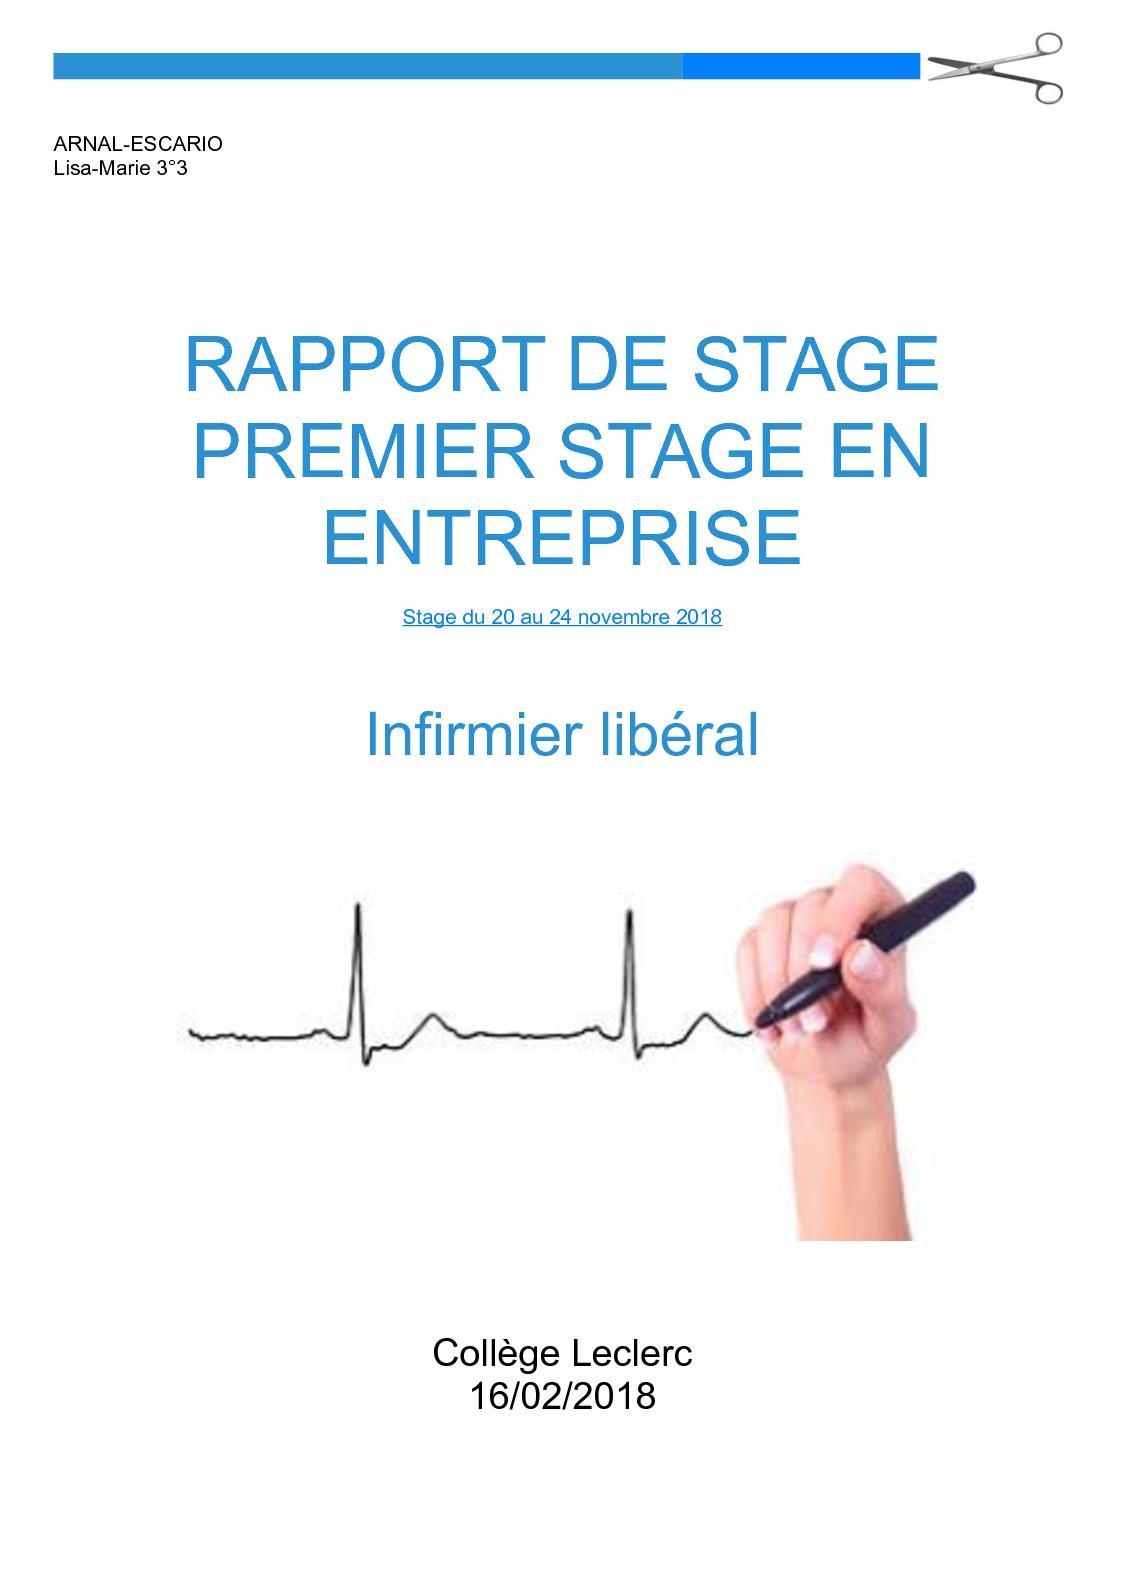 Lettre De Remerciement Pour Rapport De Stage 3eme ...